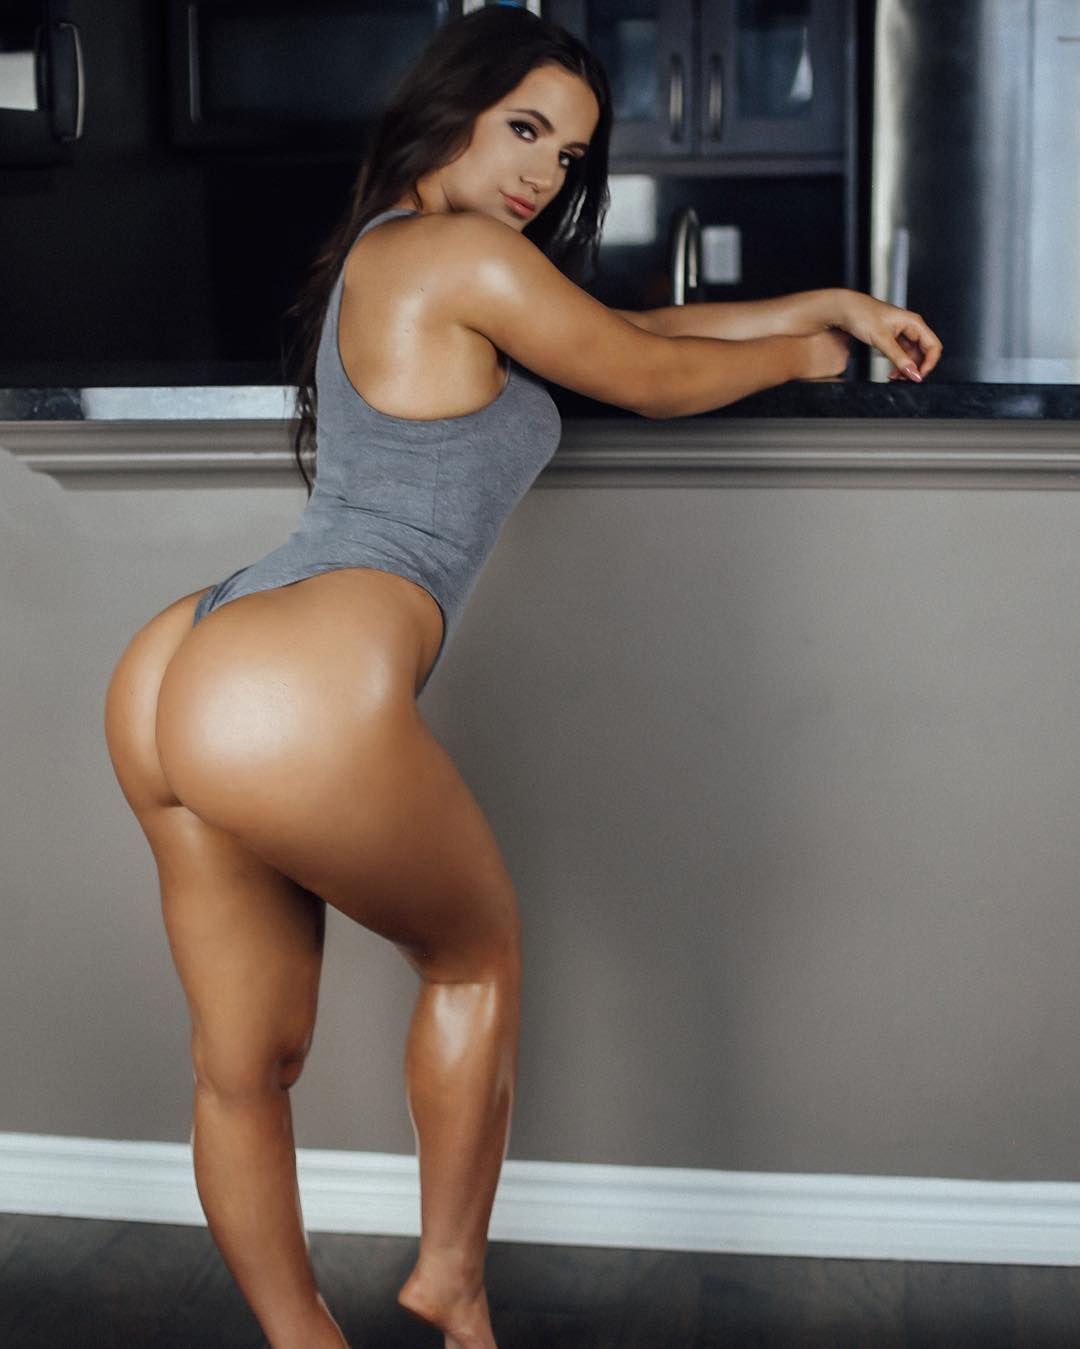 tan ass